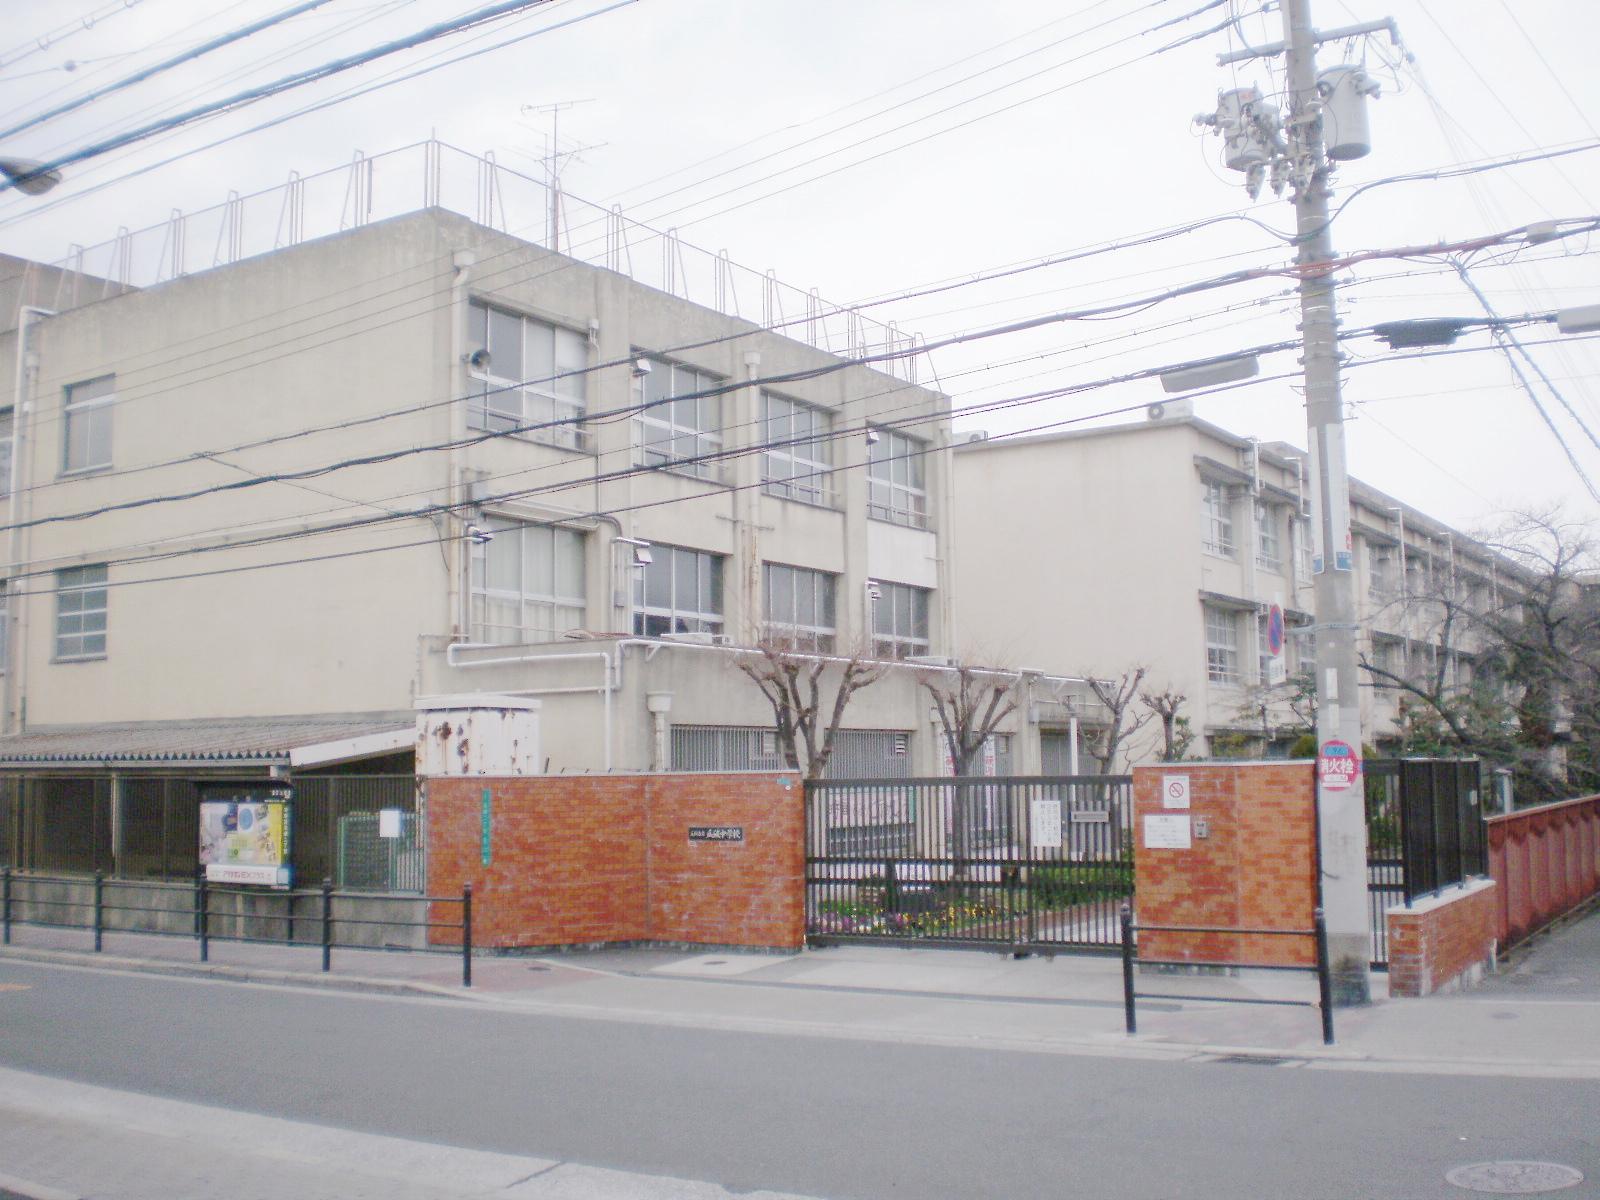 中学校 大阪市立瓜破中学校(中学校)まで342m